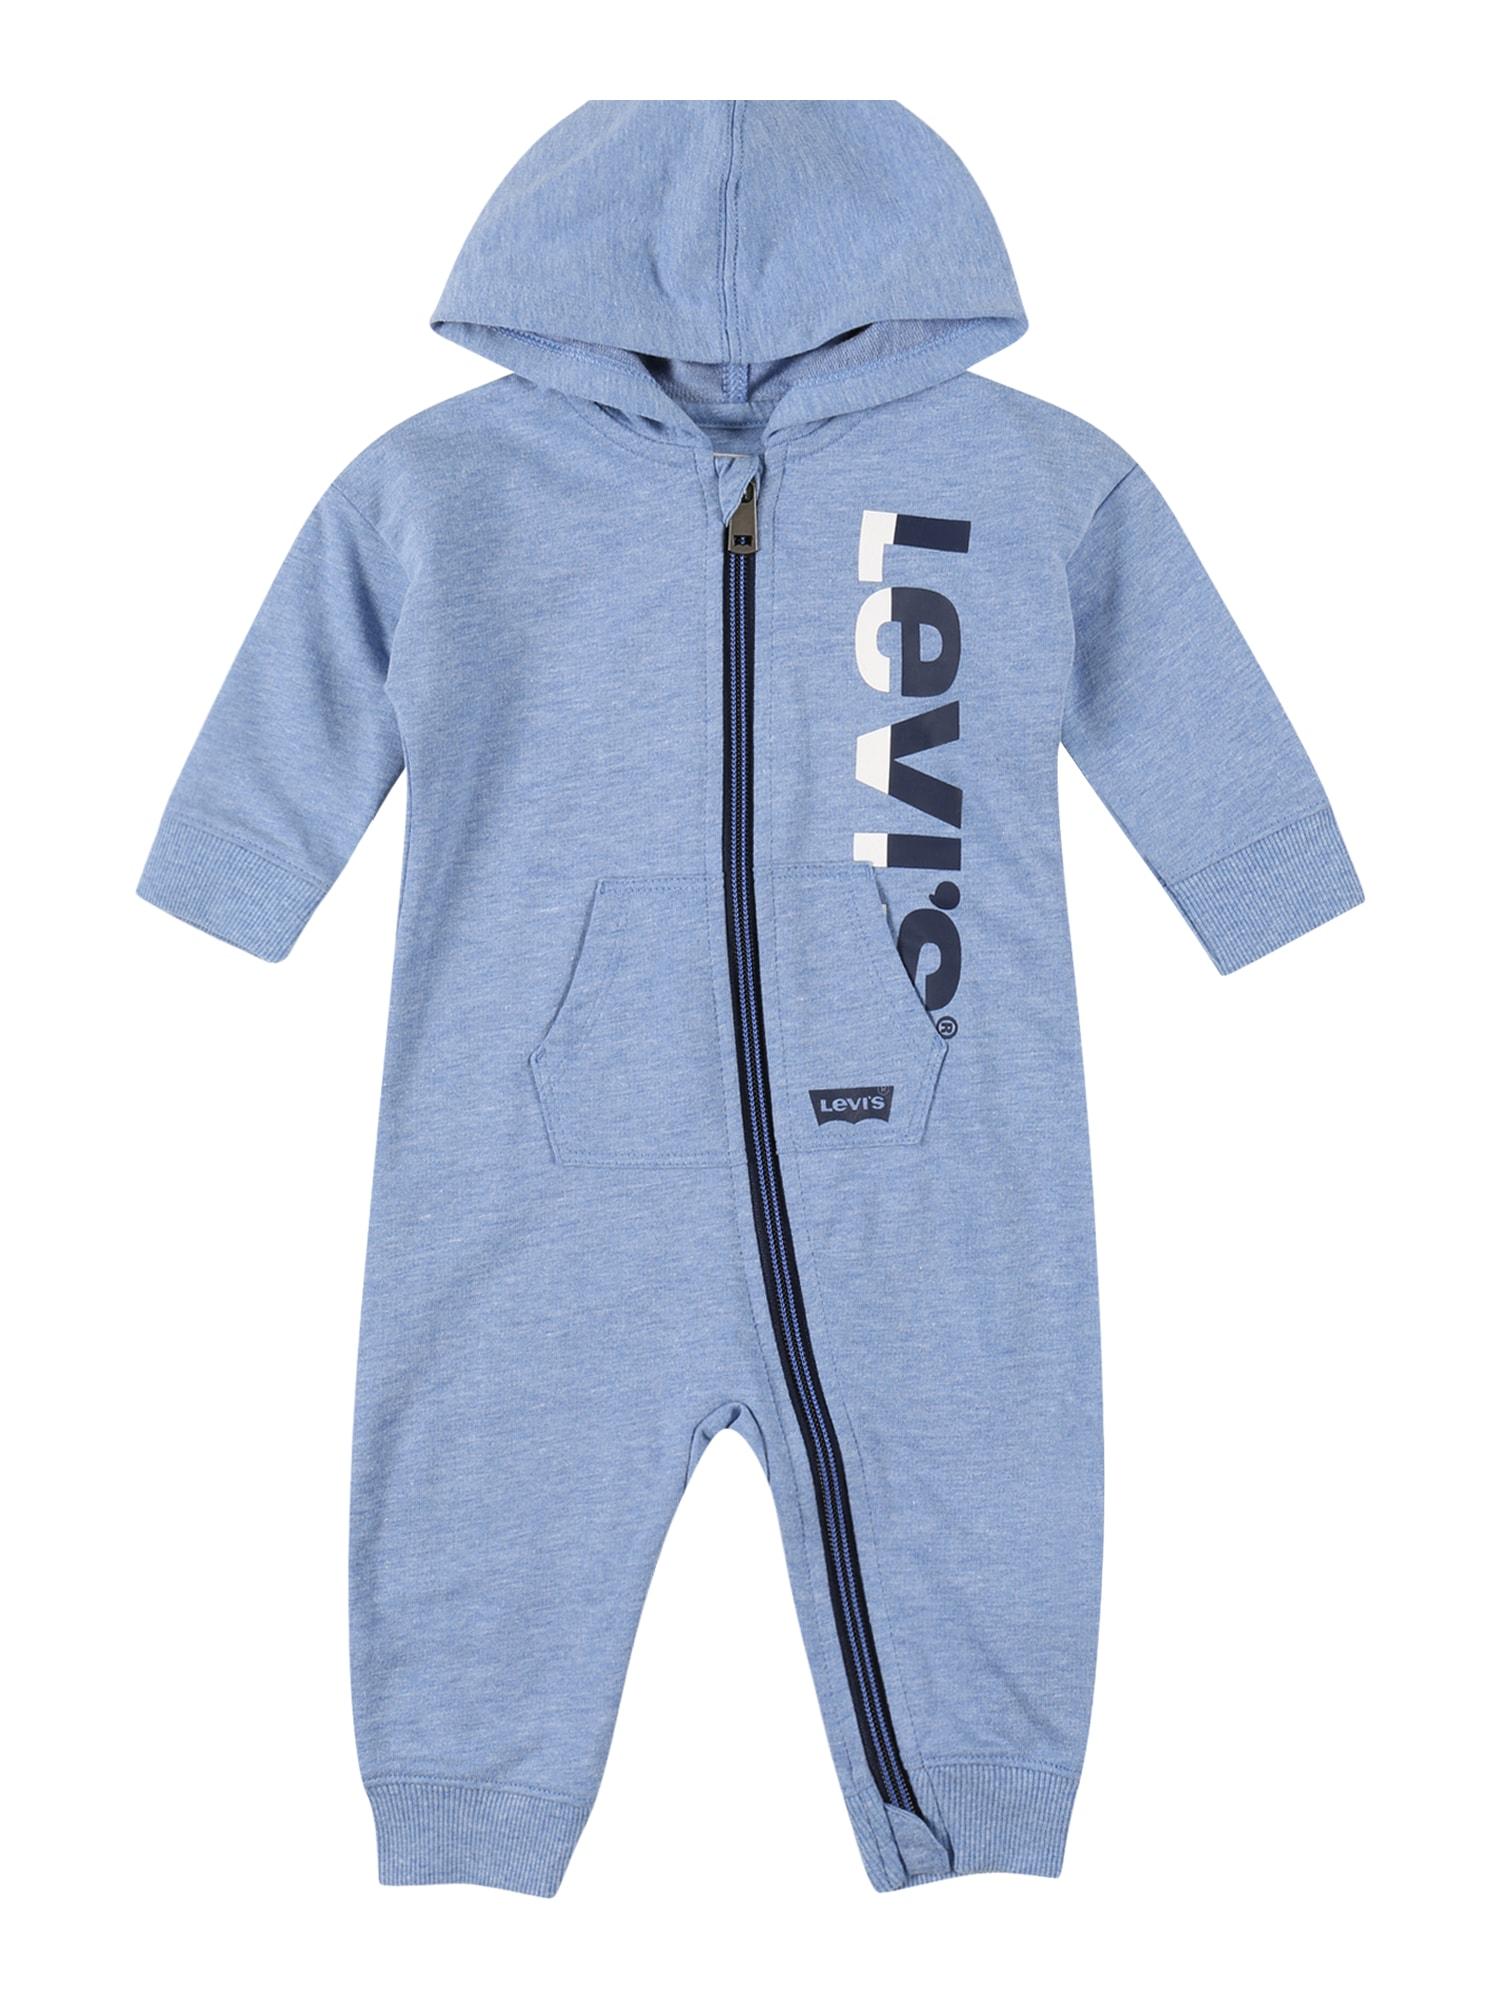 LEVI'S Overal  modrý melír / bílá / námořnická modř